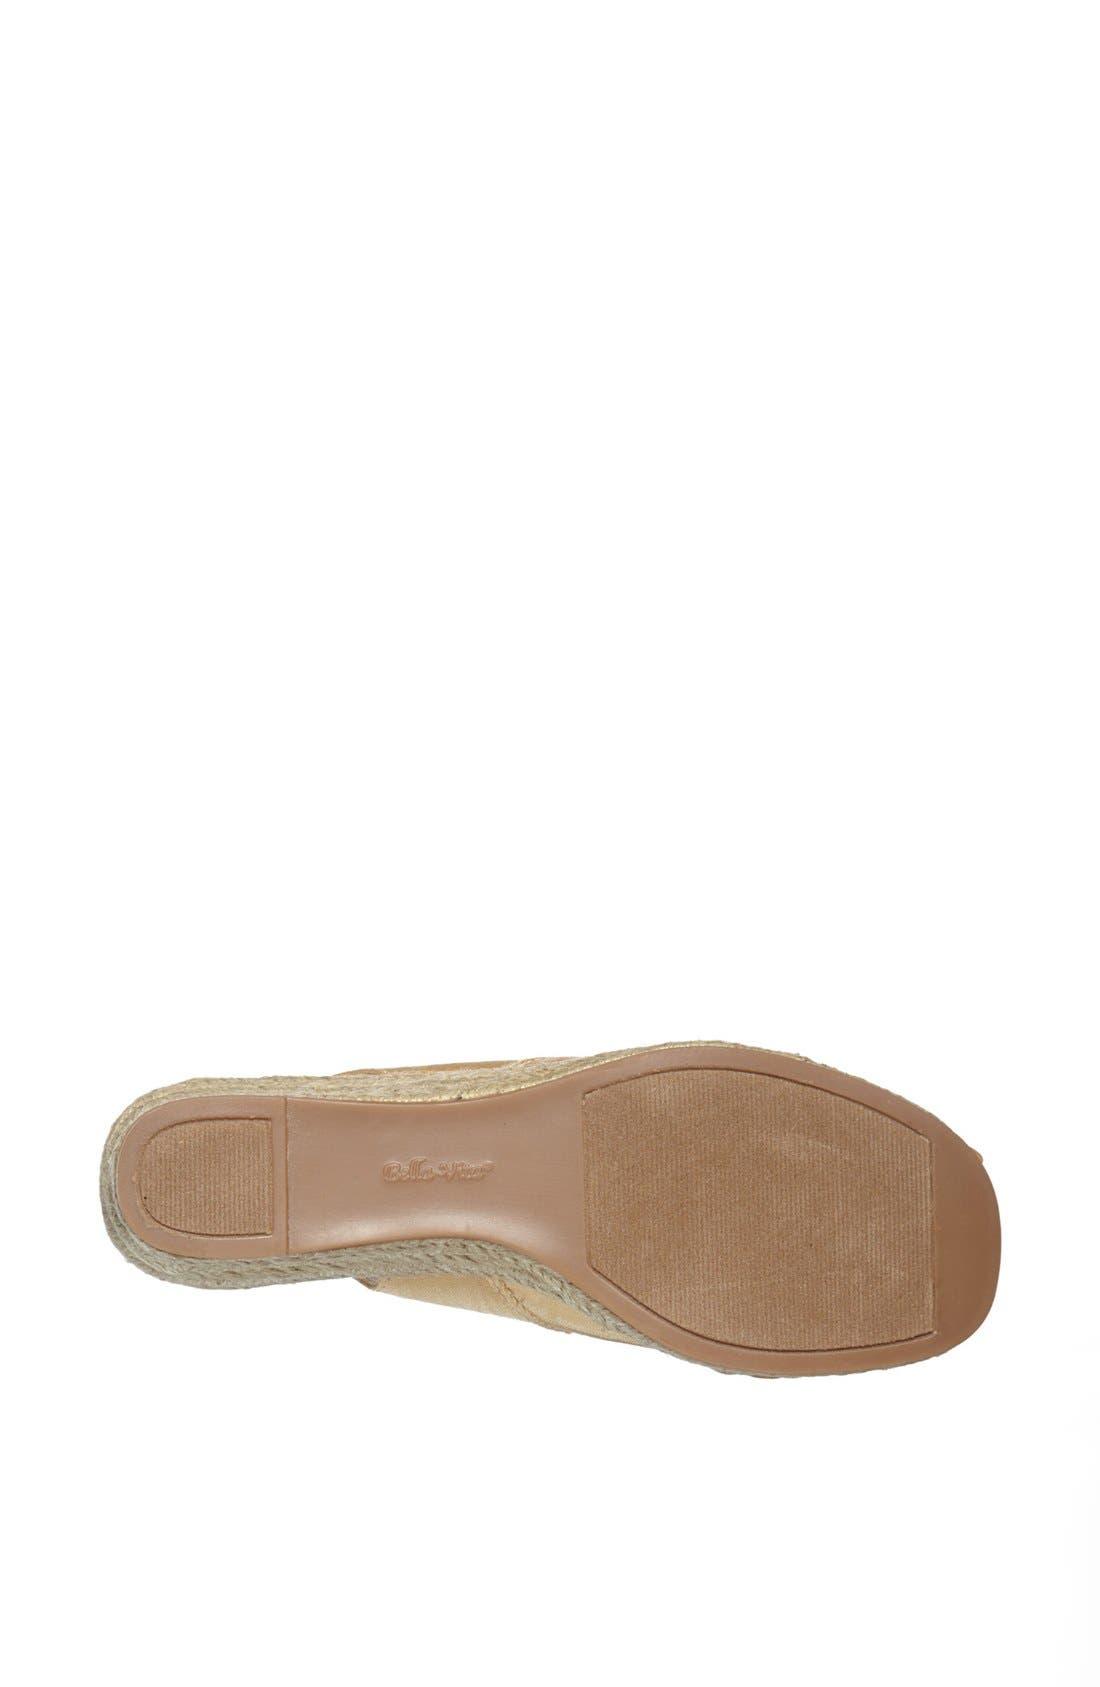 Alternate Image 4  - Bella Vita 'Sangria' Peep Toe Wedge Espadrille